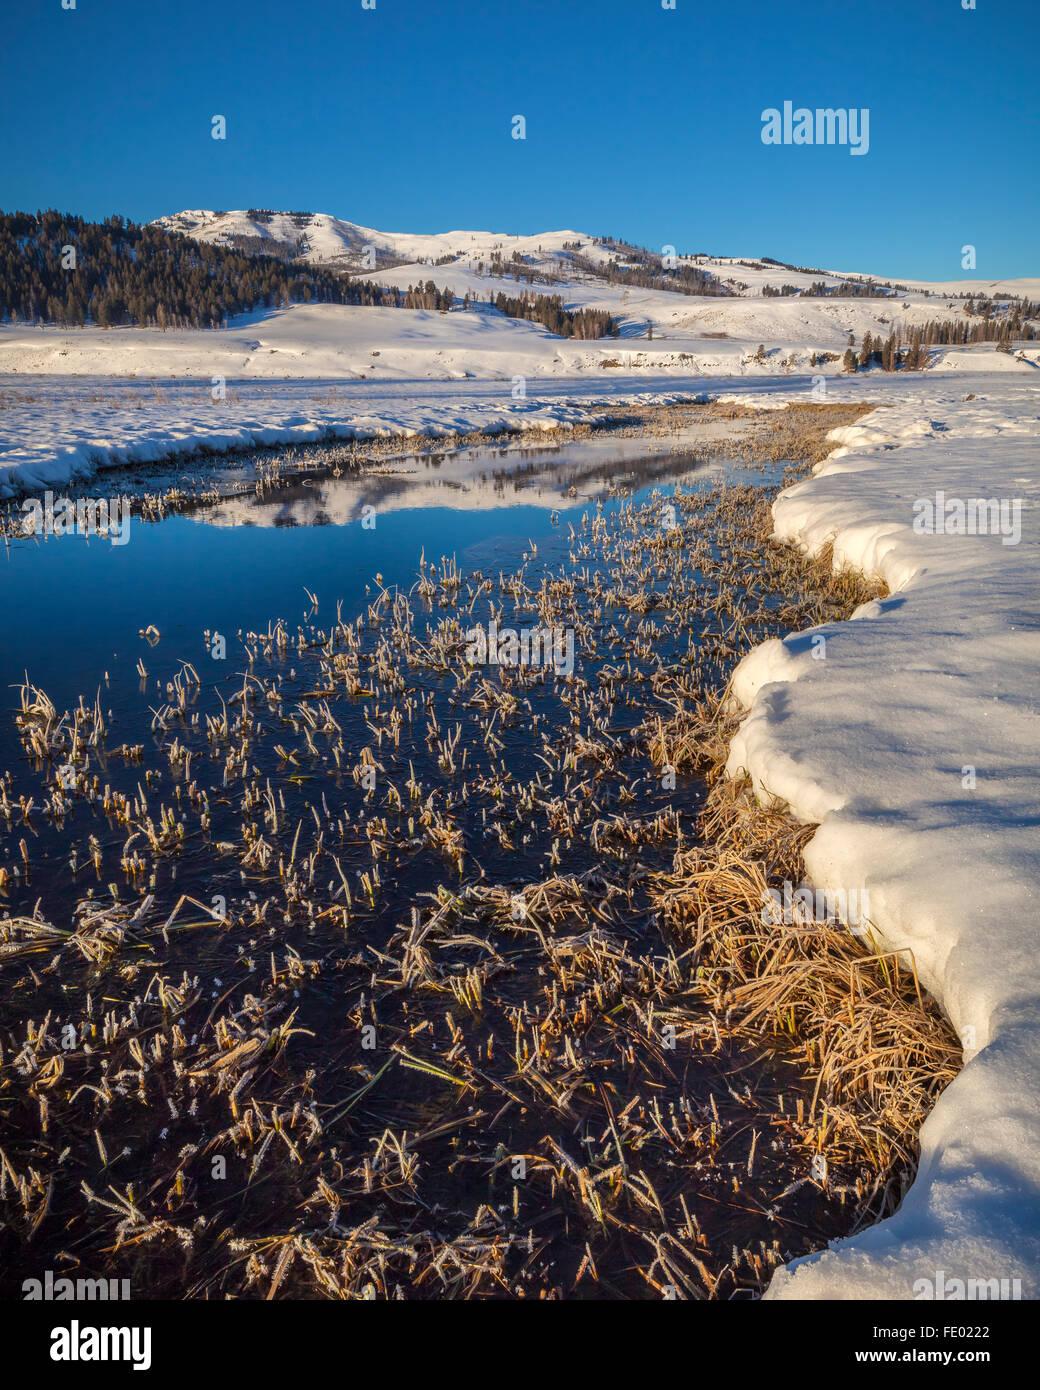 Le Parc National de Yellowstone, WY: Une glaciale Lamar River reflétant Speciman Ridge sur un matin d'hiver Photo Stock